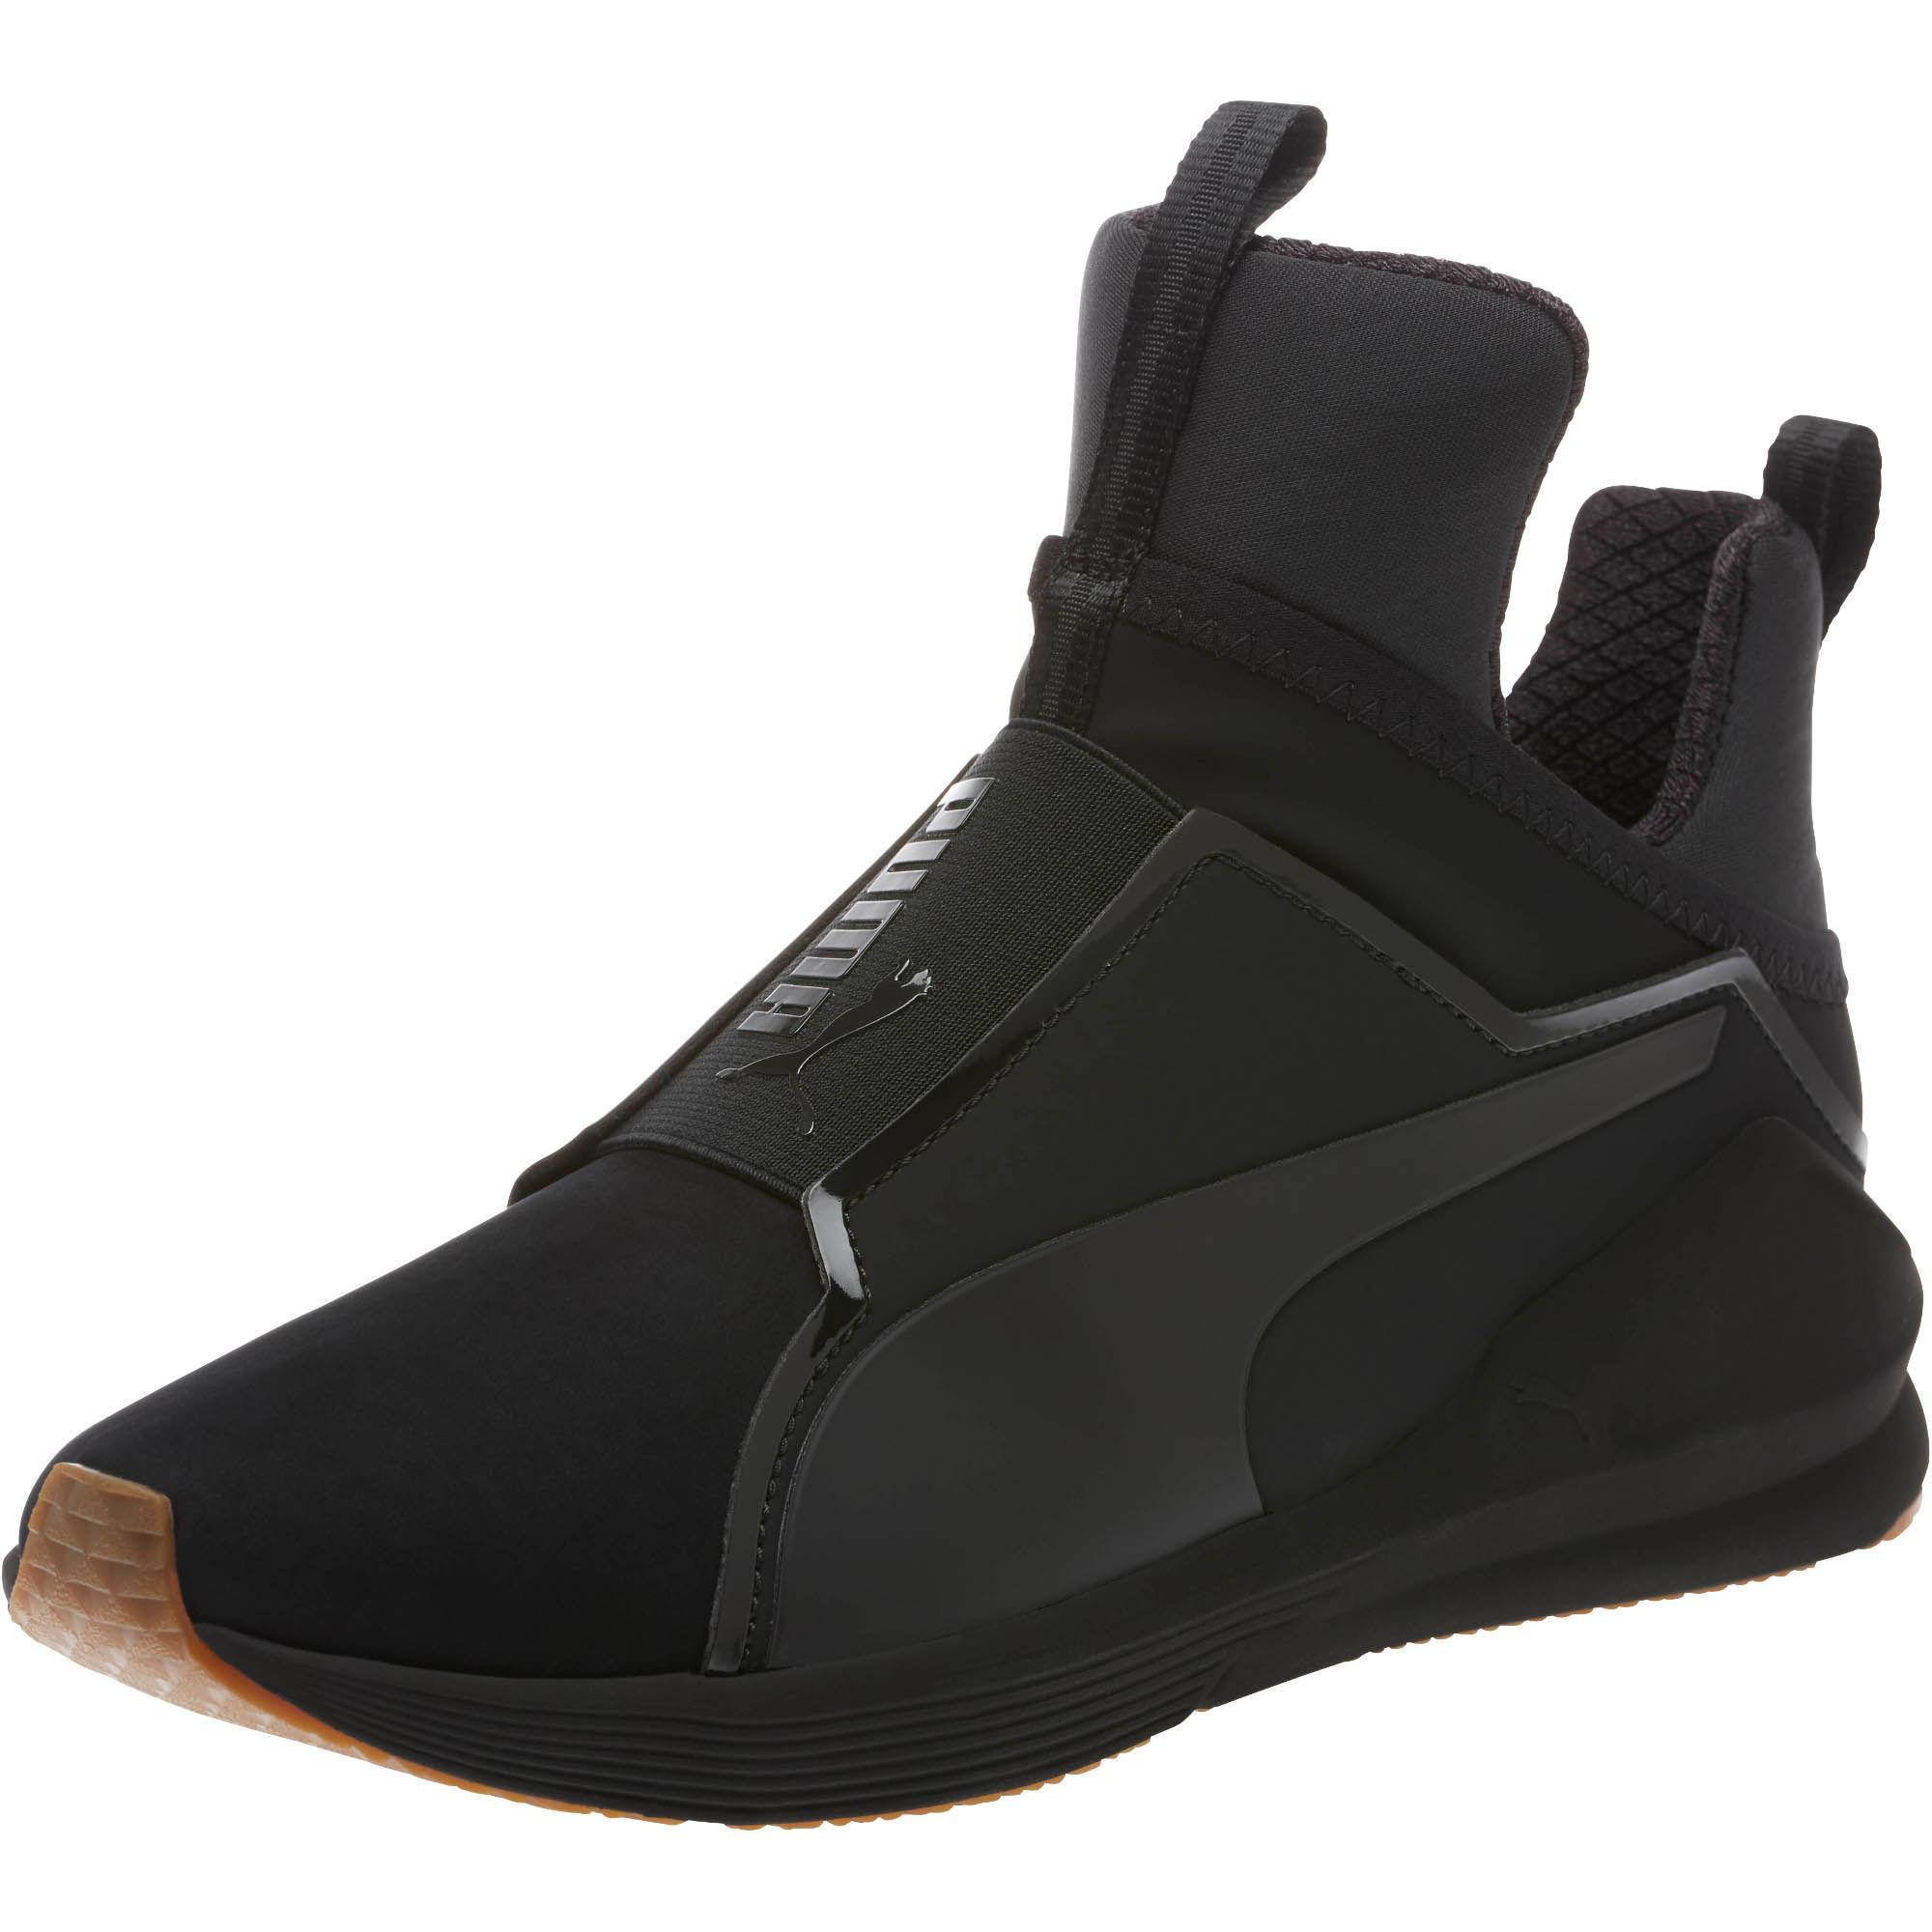 Lyst - PUMA Fierce Nbk Naturals Sneaker in Black - Save 45% cbf26cbf0